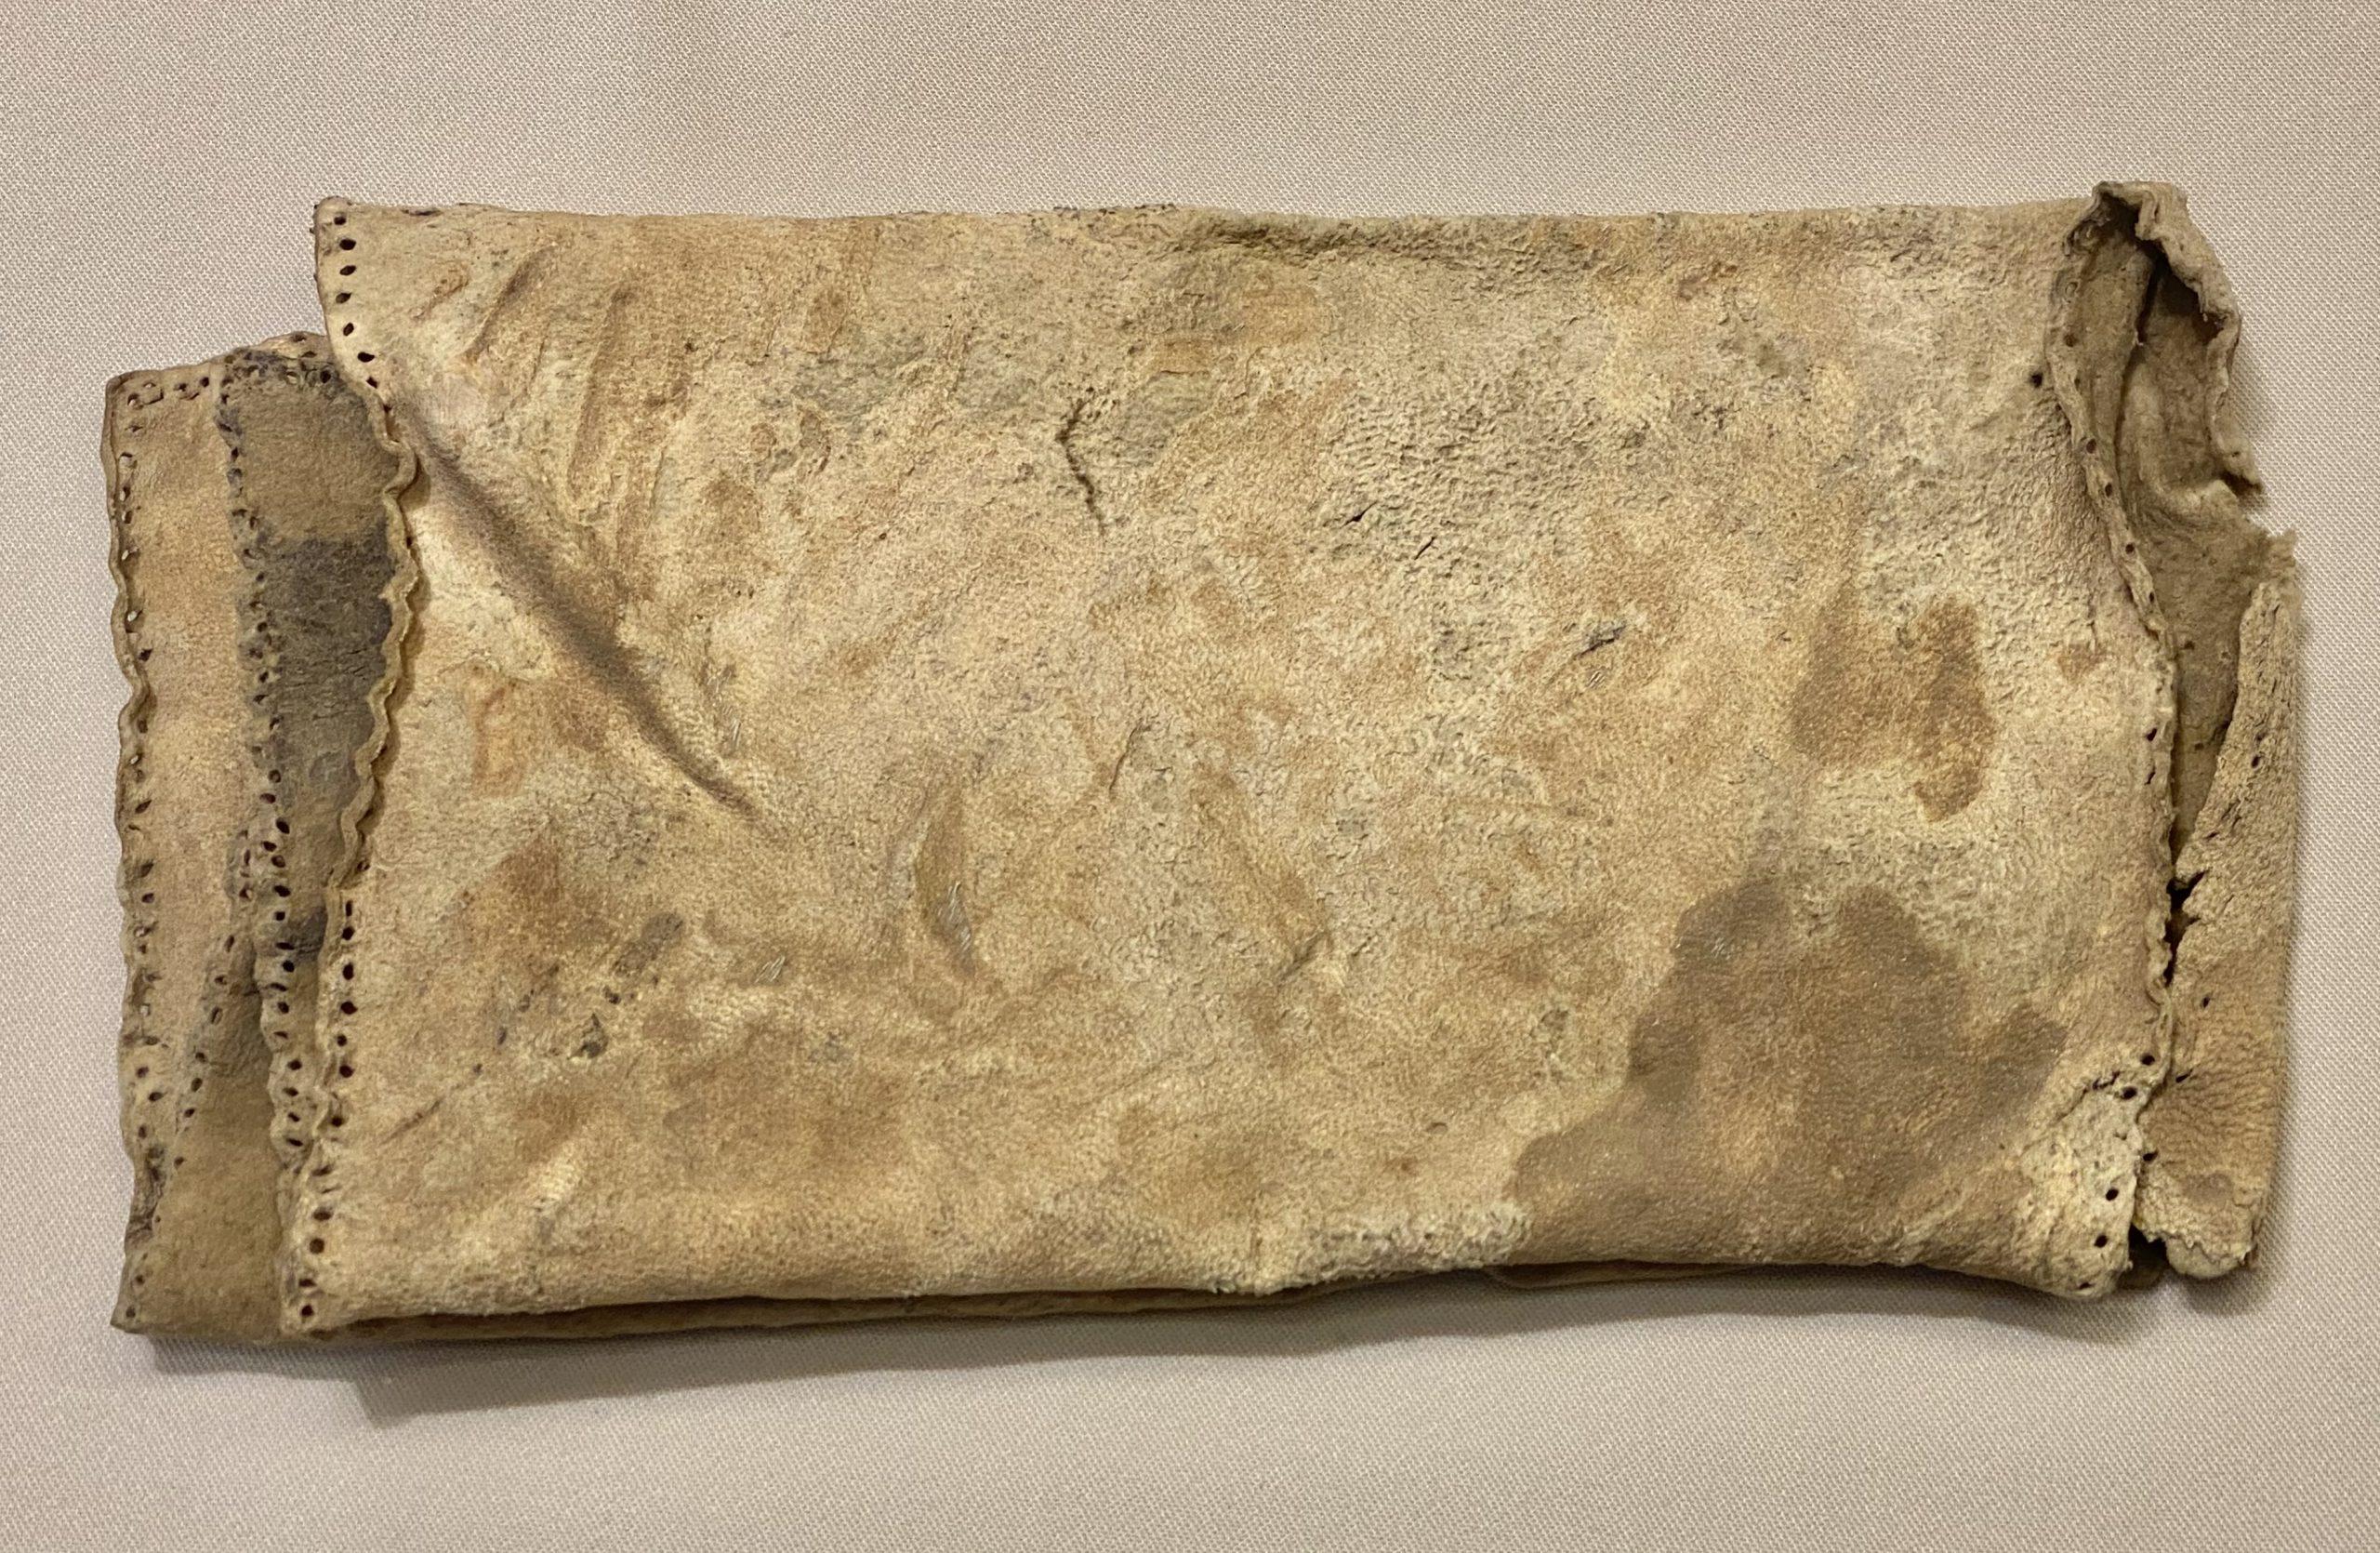 糧袋(皮片)-唐時代-巡回特別展【天歌長歌-唐蕃古道】-四川博物館